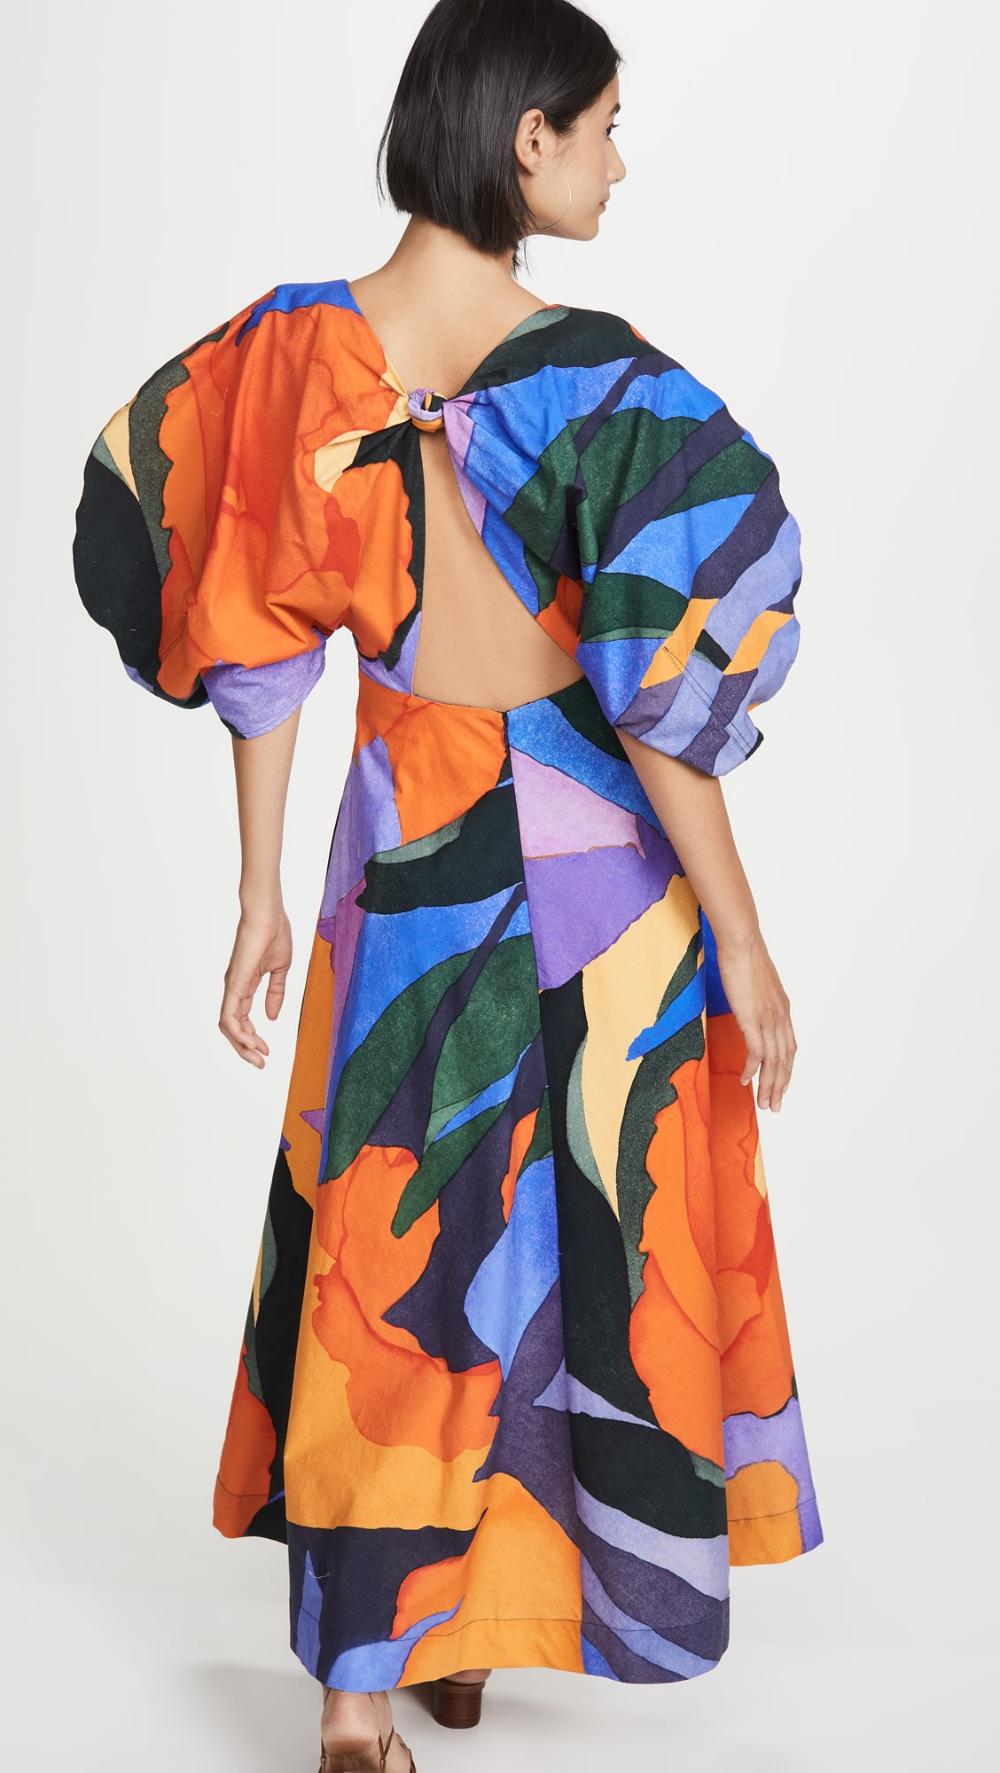 45+ Mara hoffman dress sale ideas in 2021